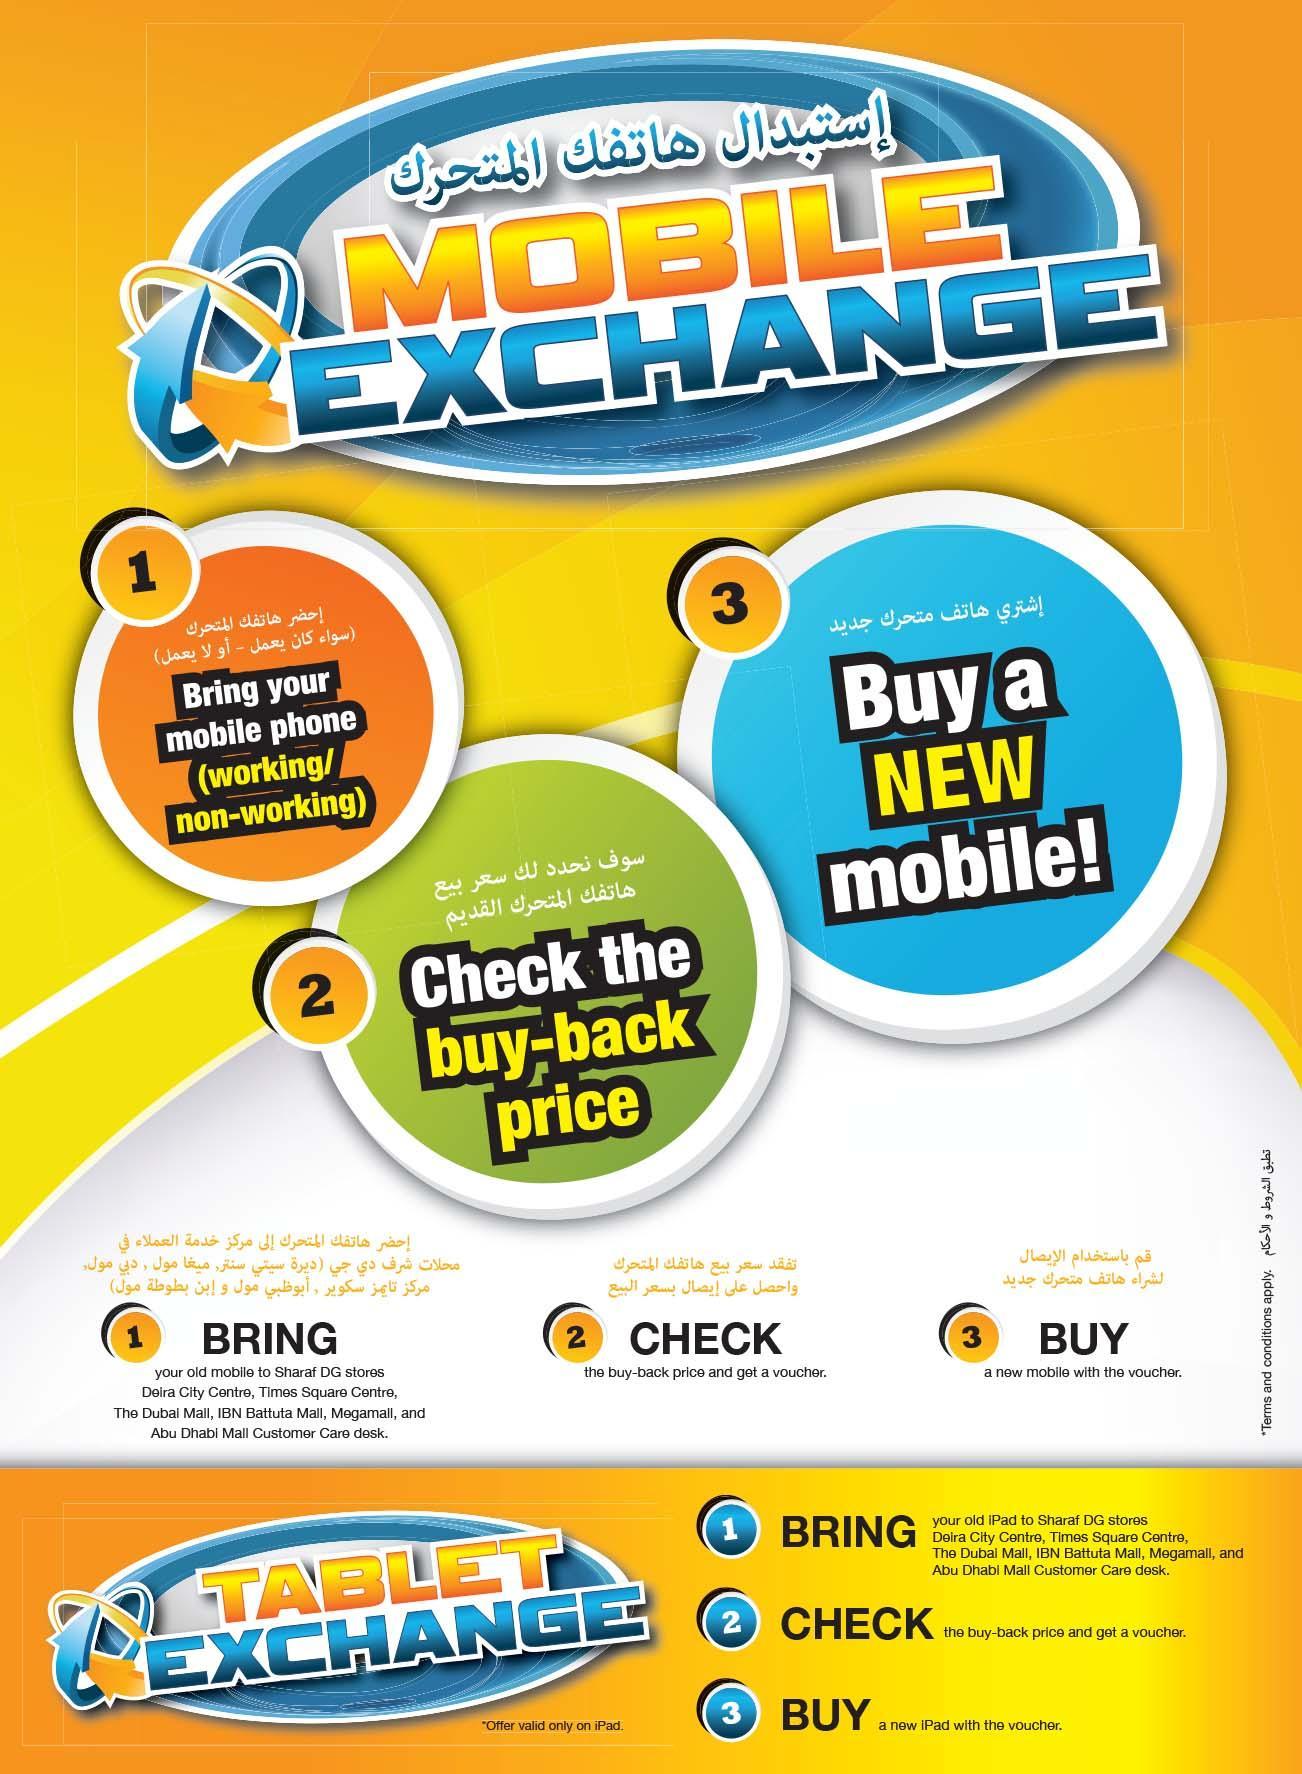 Mobile Exchange Offer At Sharaf Dg